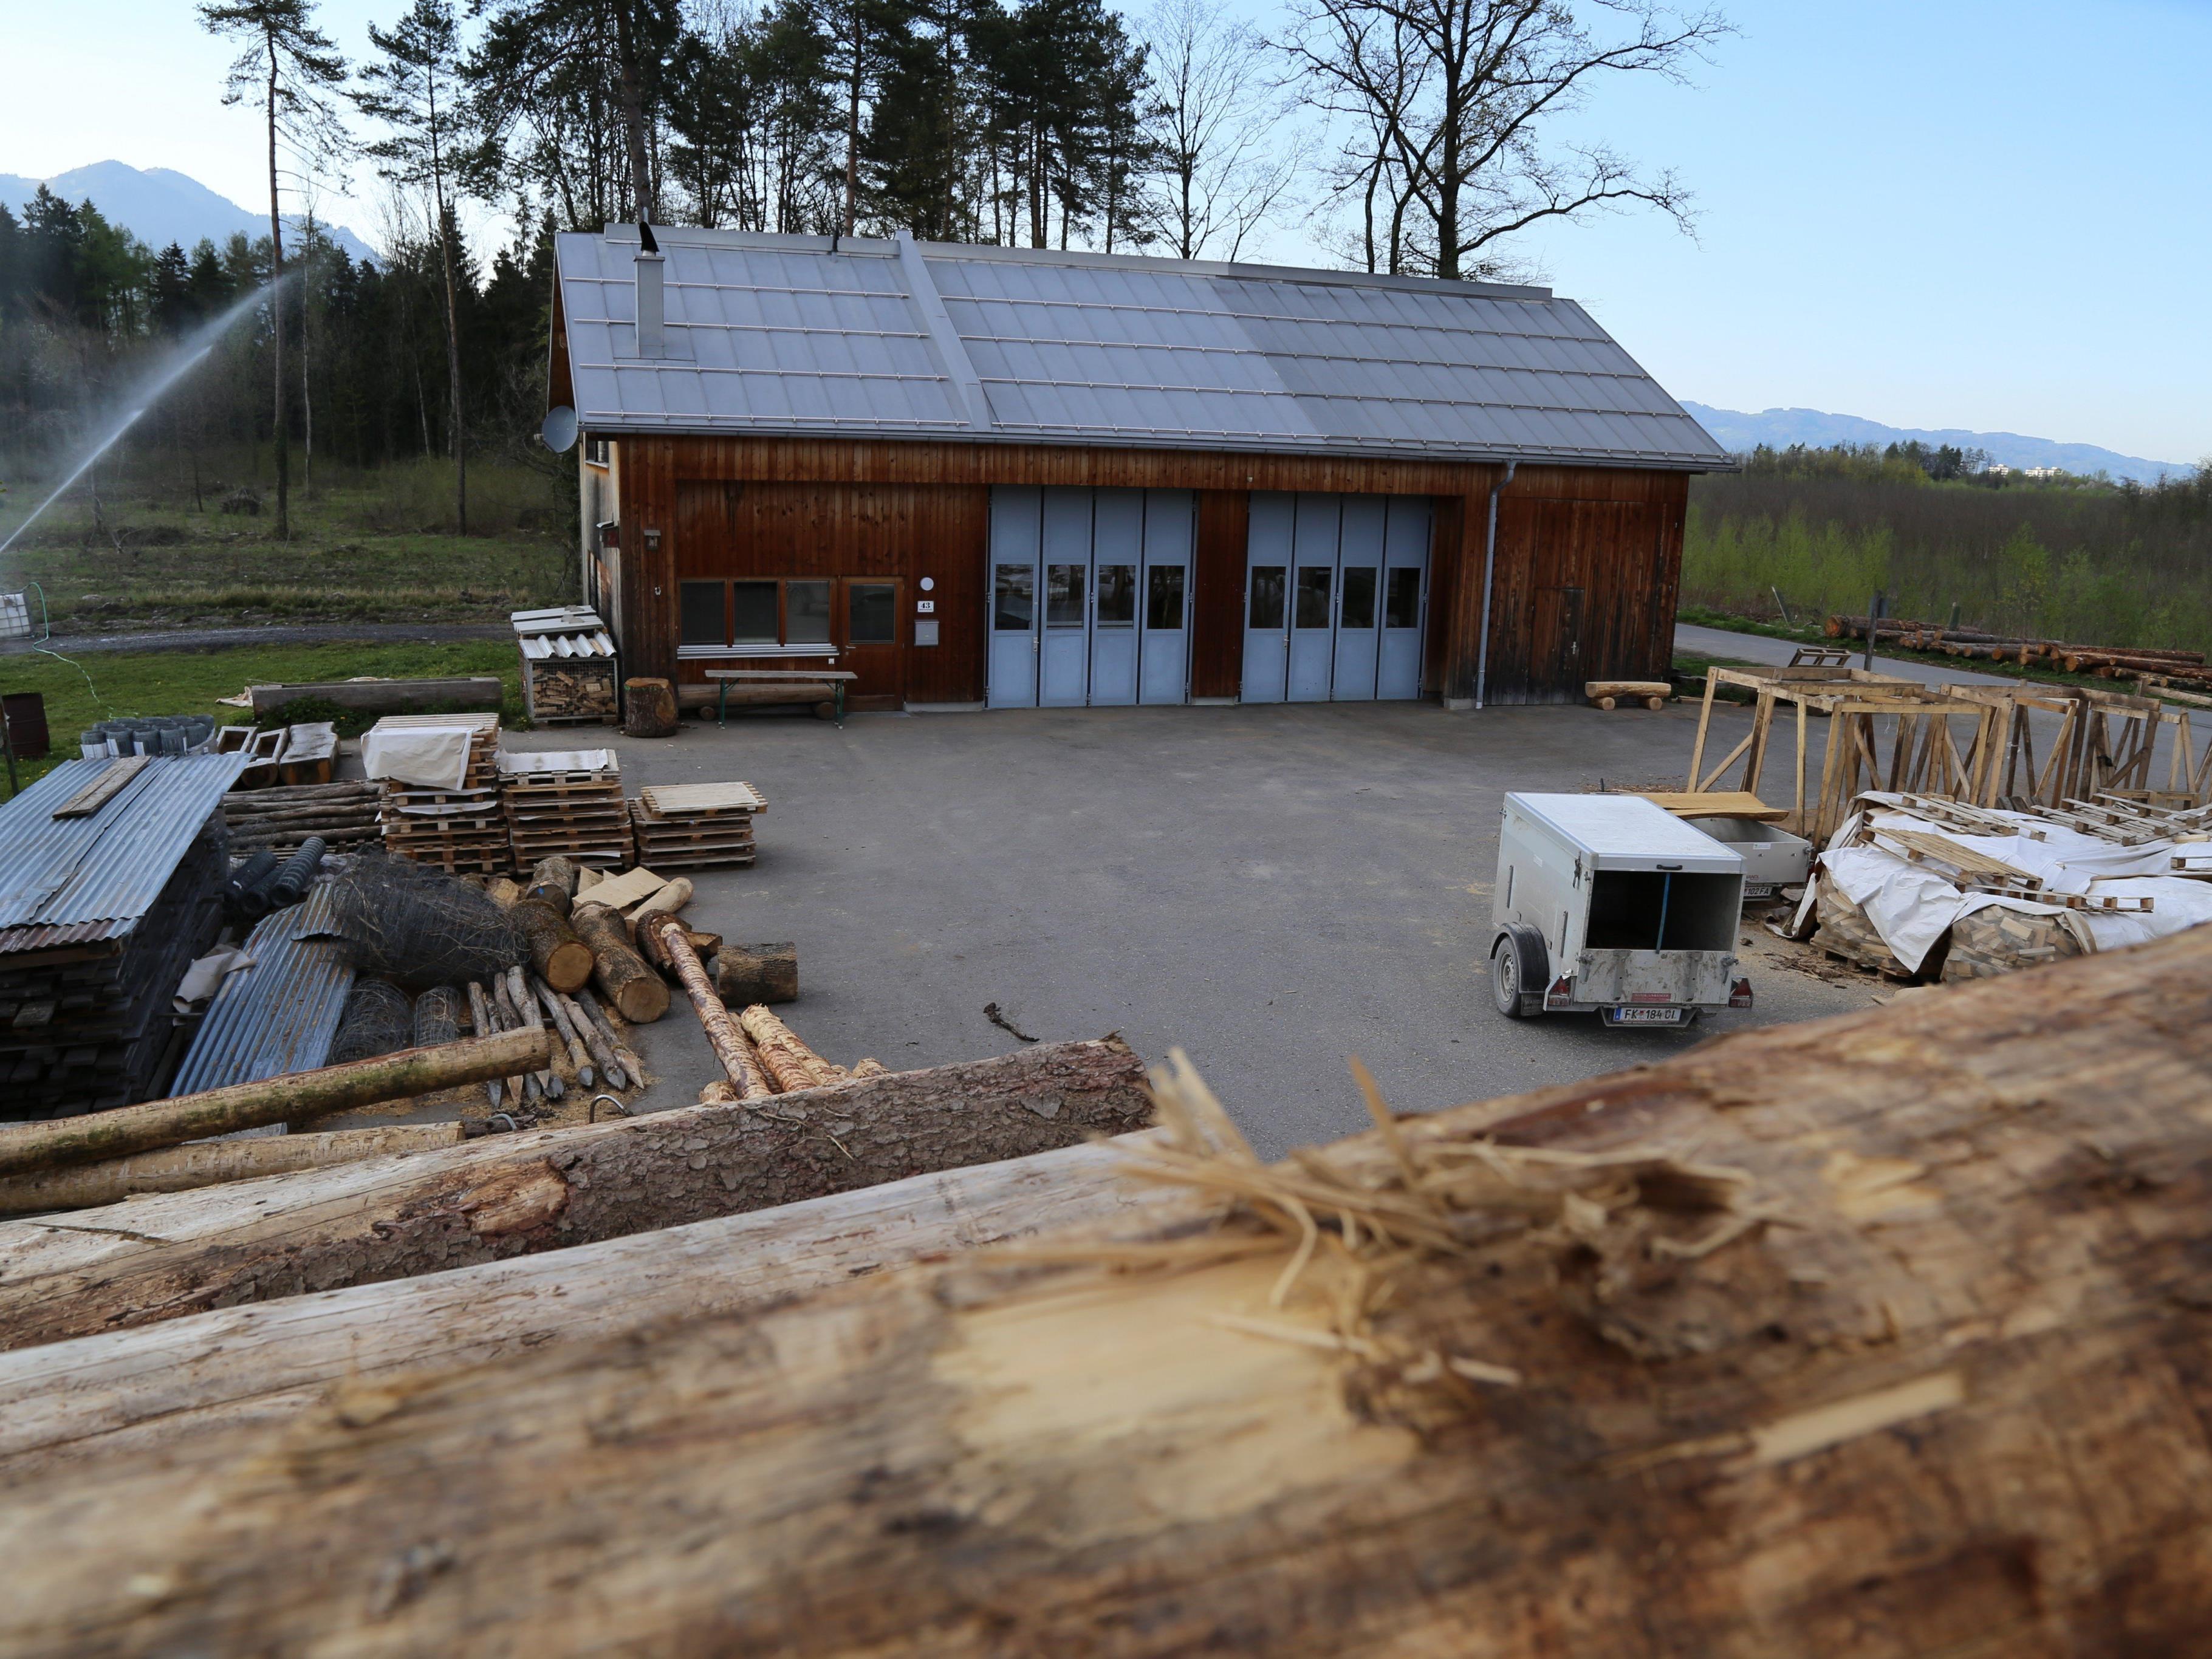 Der bestehende Forsthof der Agrar Altgemeinde Altenstadt soll um eine Hackschnitzelanlage erweitert werden.